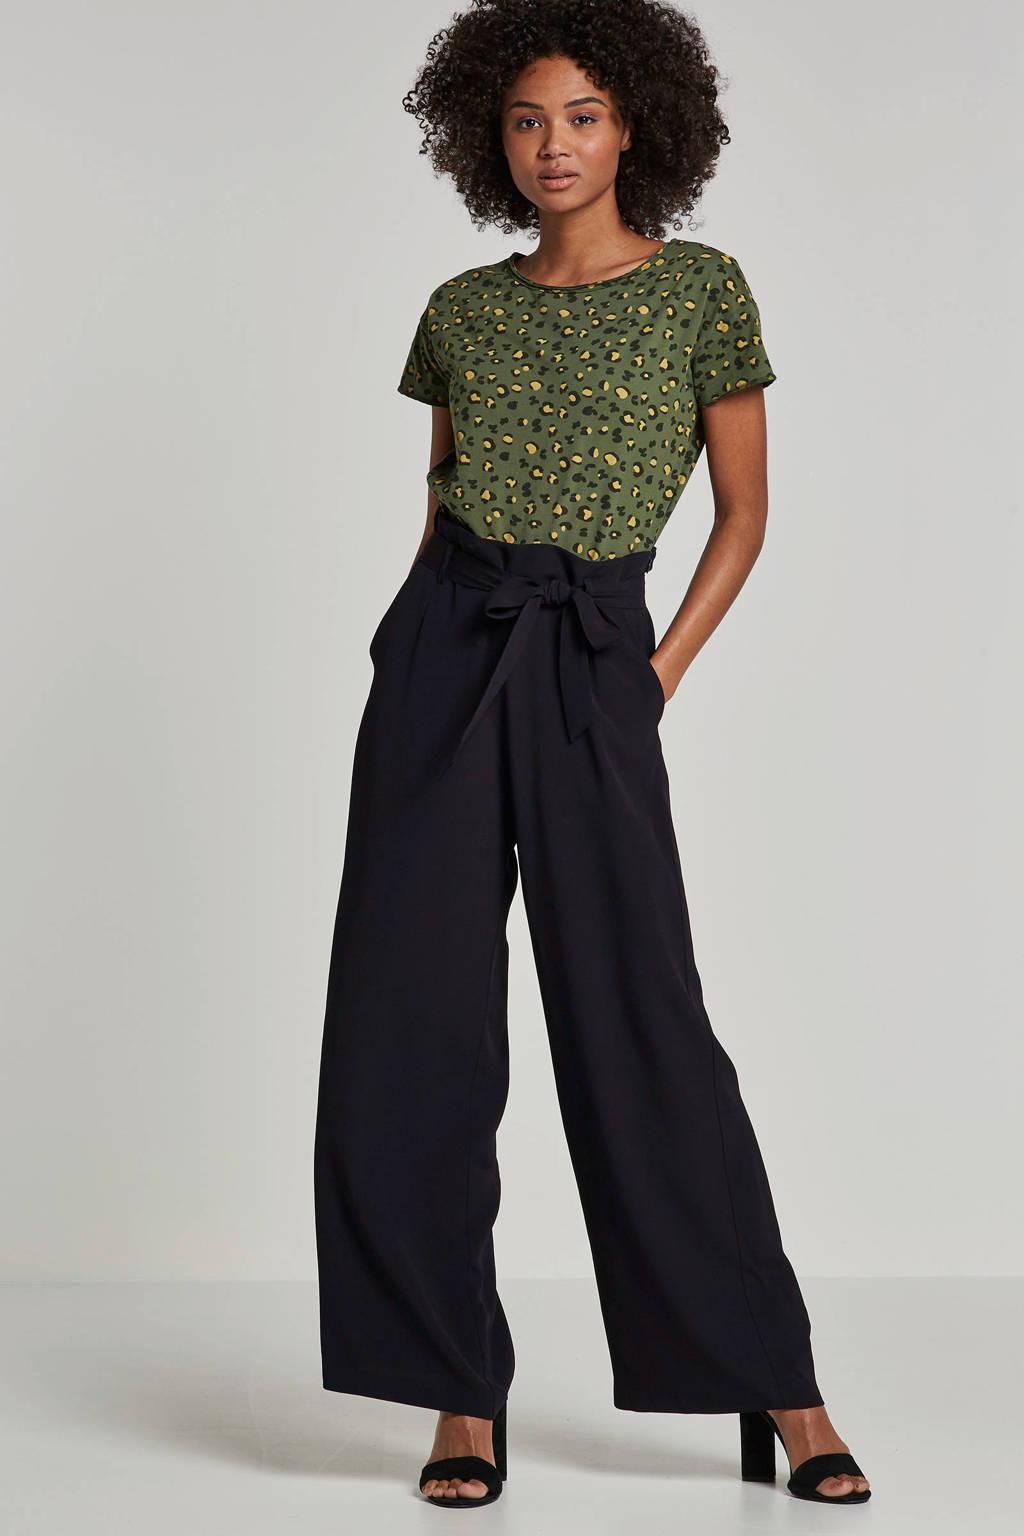 edc Women T-shirt met panterprint, Groen/zwart/geel